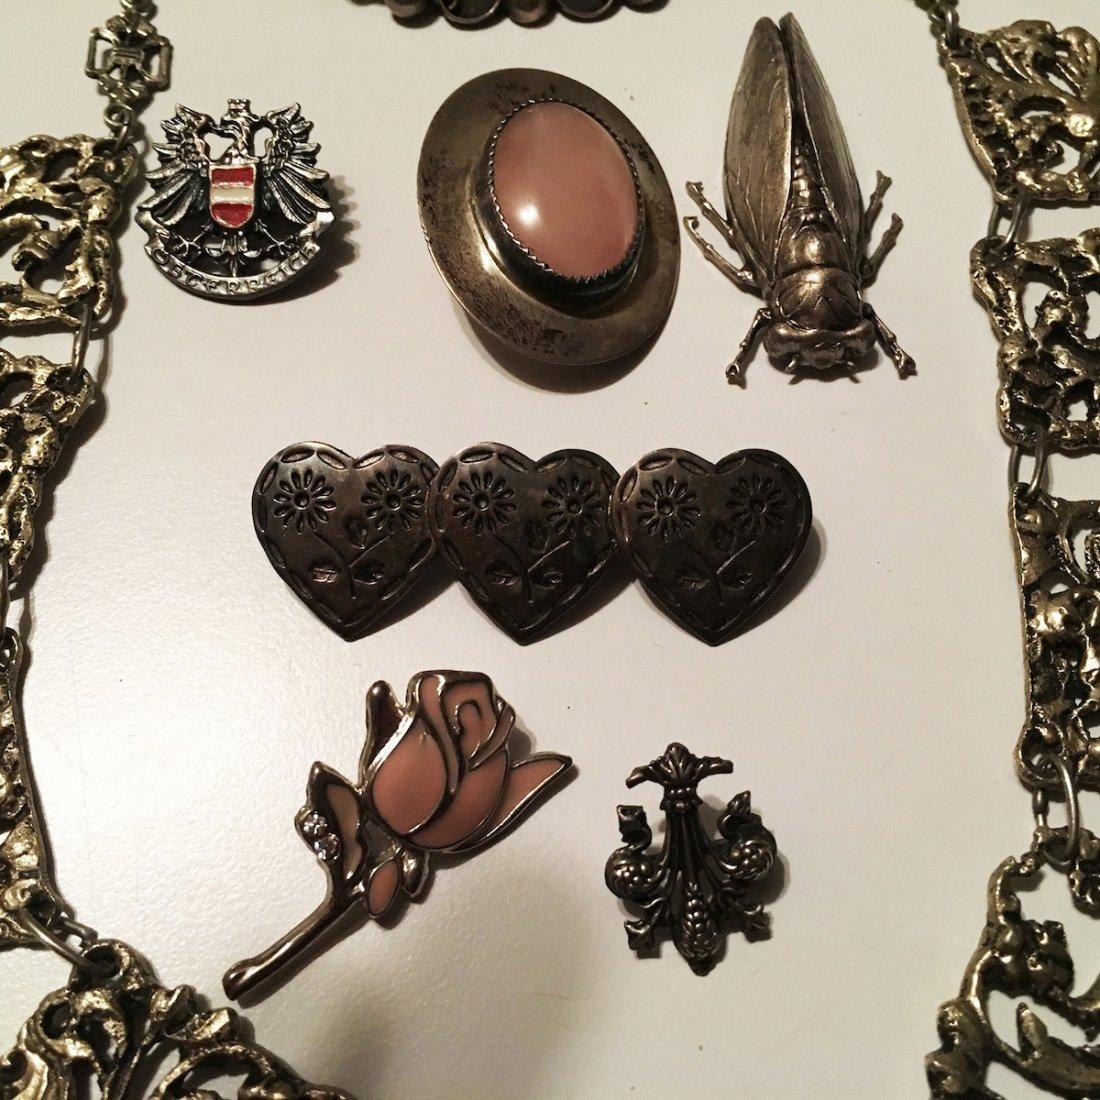 Silver Jewelry, Pins, Charm bracelet, Bug - 3